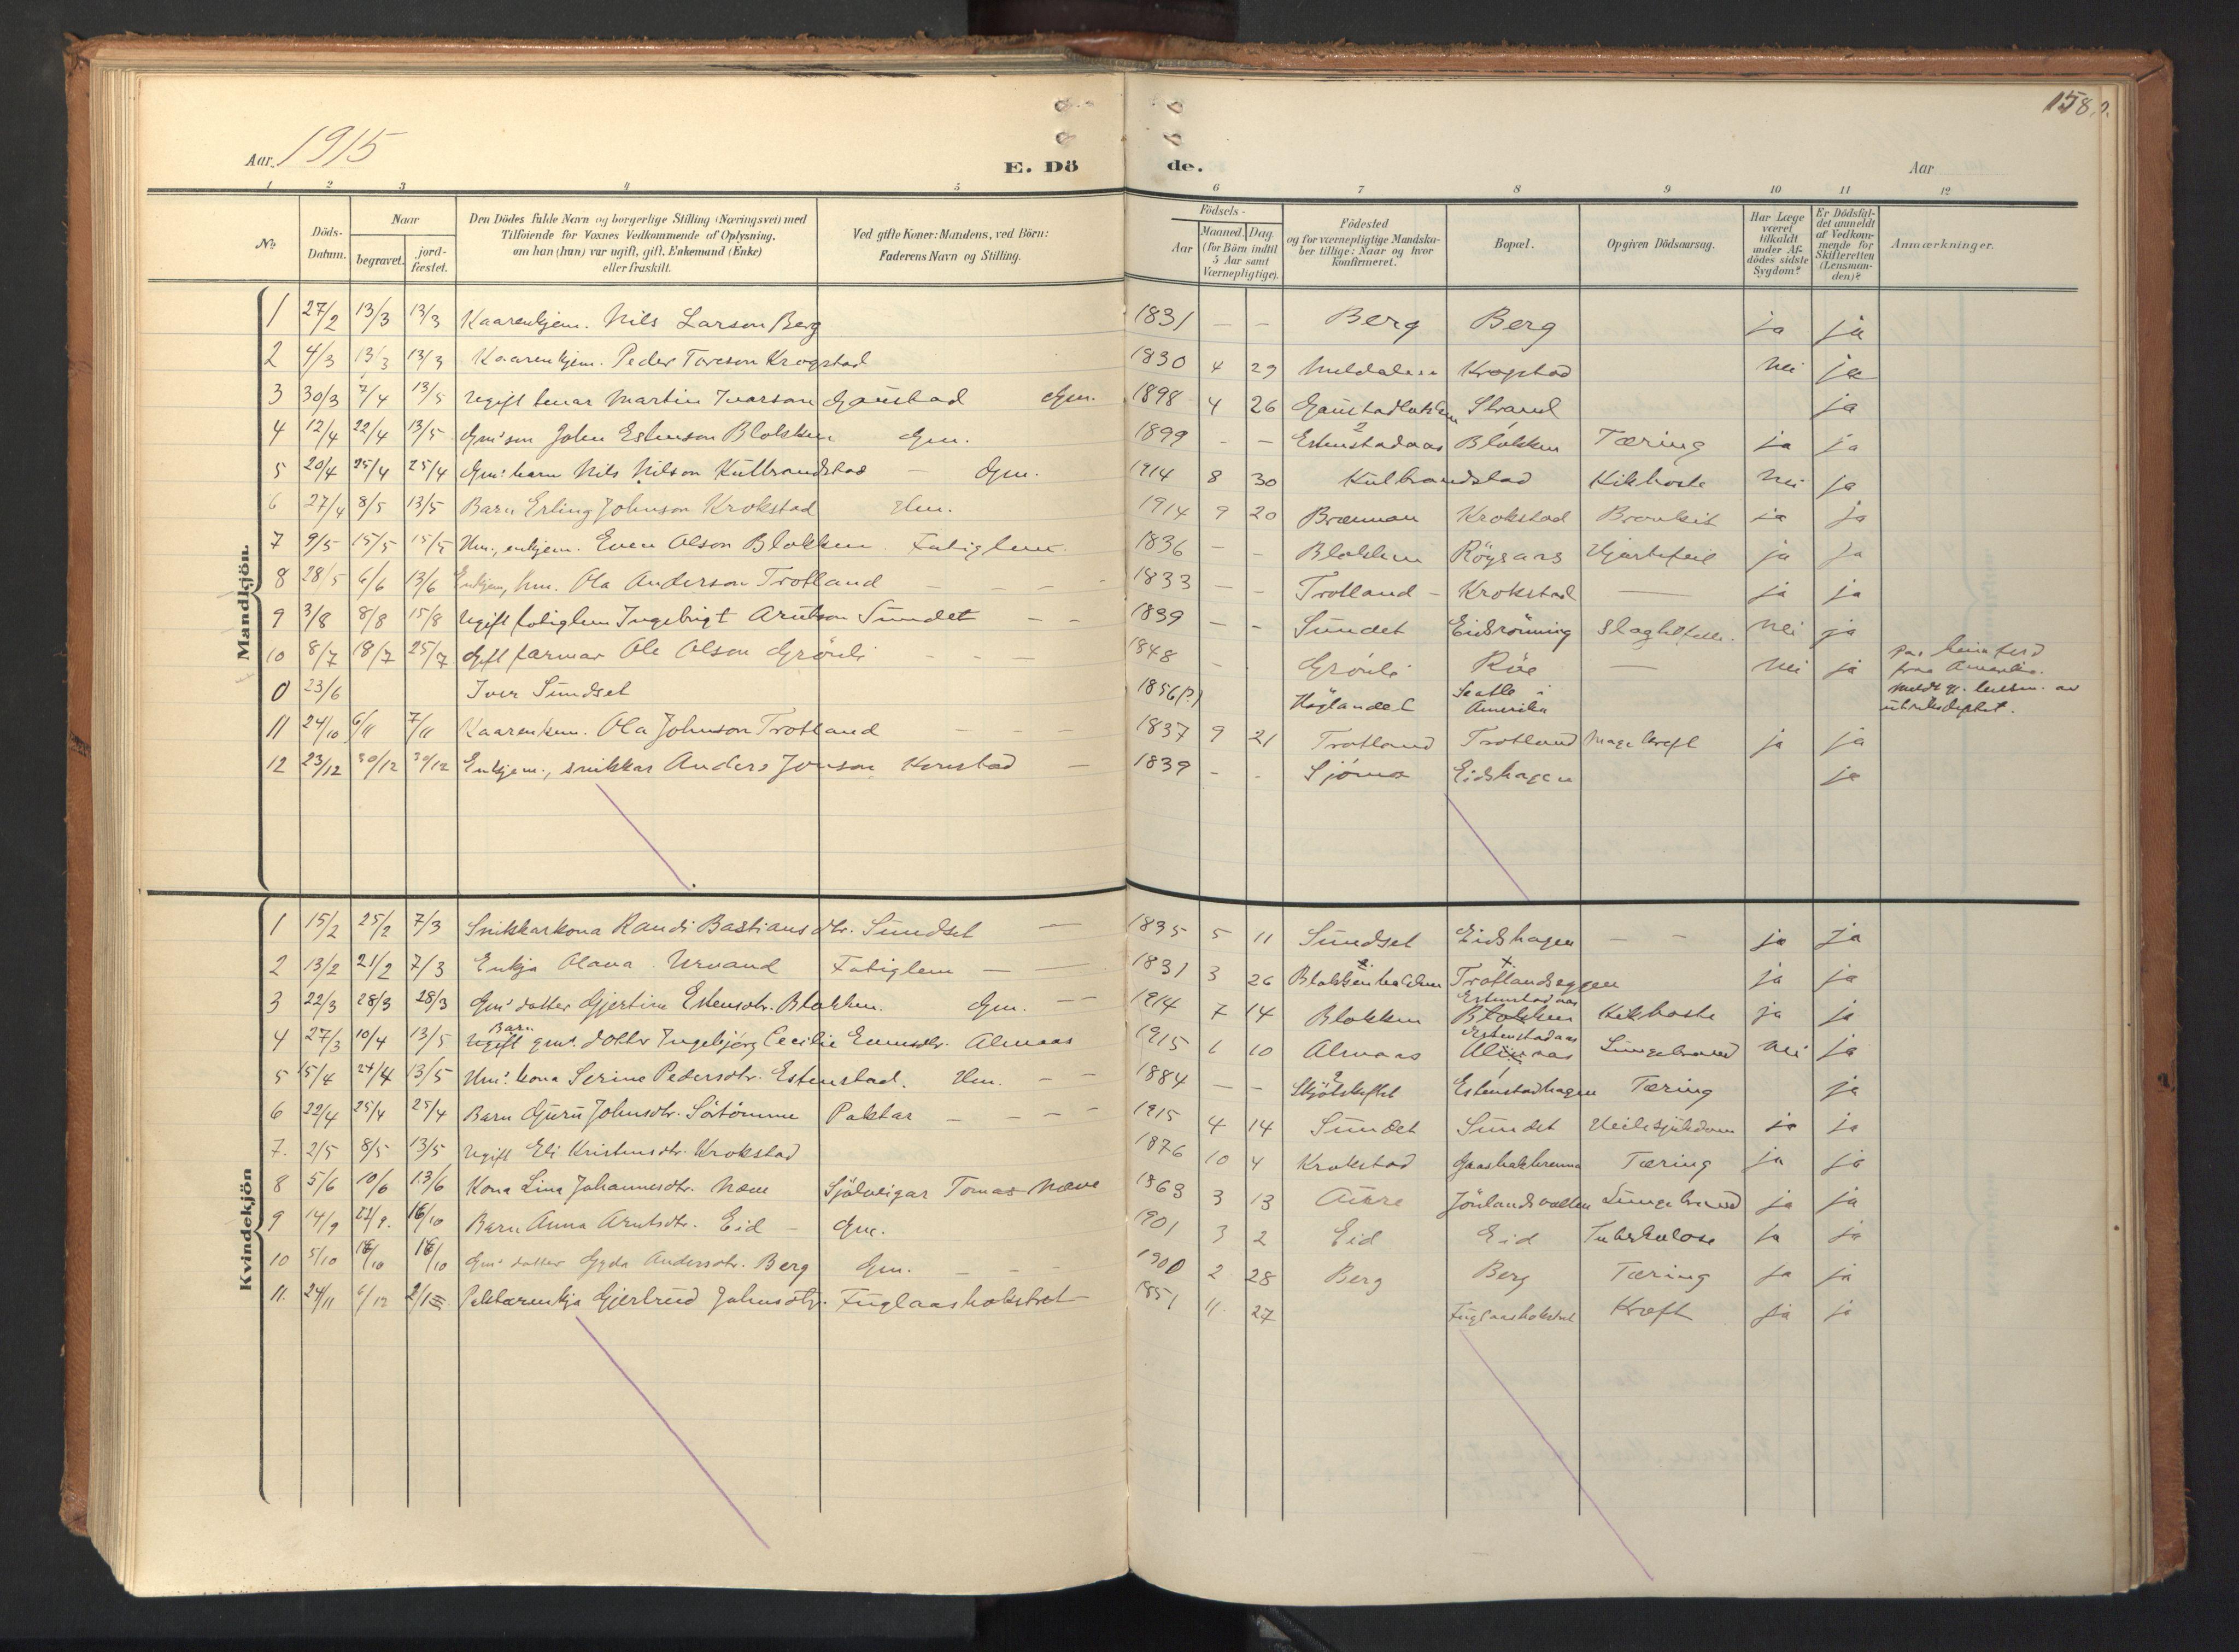 SAT, Ministerialprotokoller, klokkerbøker og fødselsregistre - Sør-Trøndelag, 694/L1128: Ministerialbok nr. 694A02, 1906-1931, s. 158